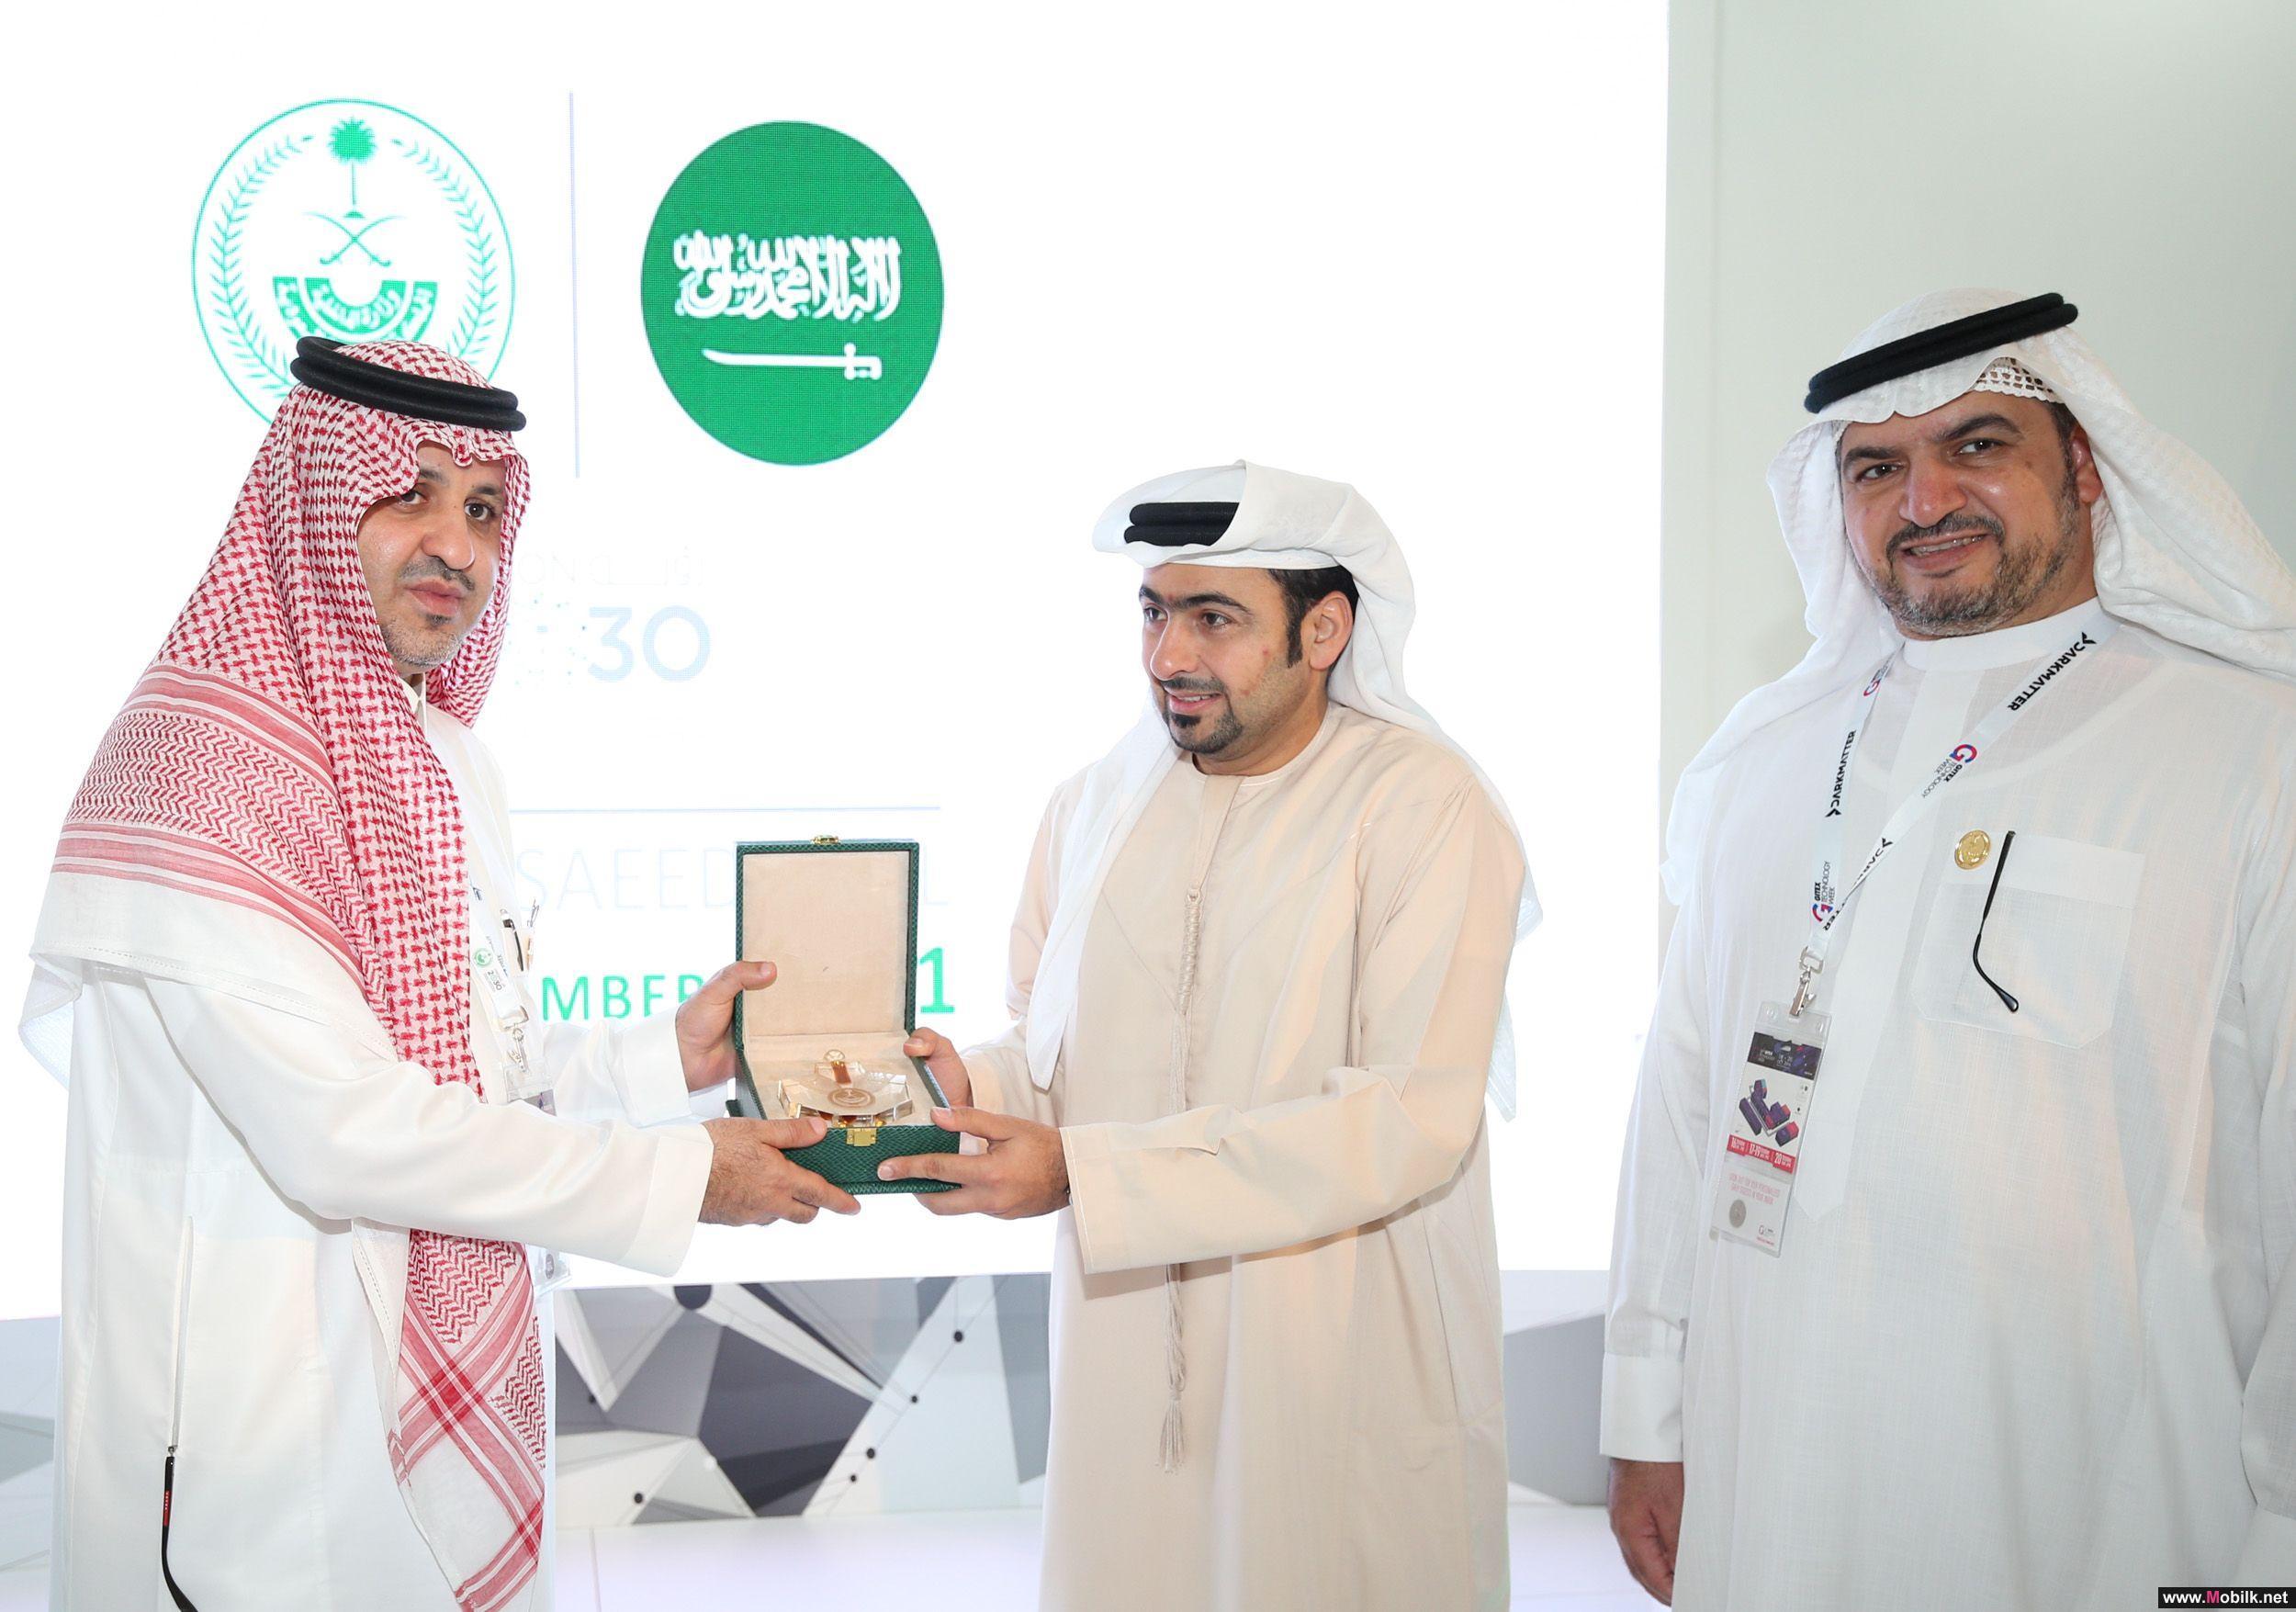 تكريم المملكة العربية السعودية عن أكبر مشاركة لها في  أسبوع جيتكس للتقنية